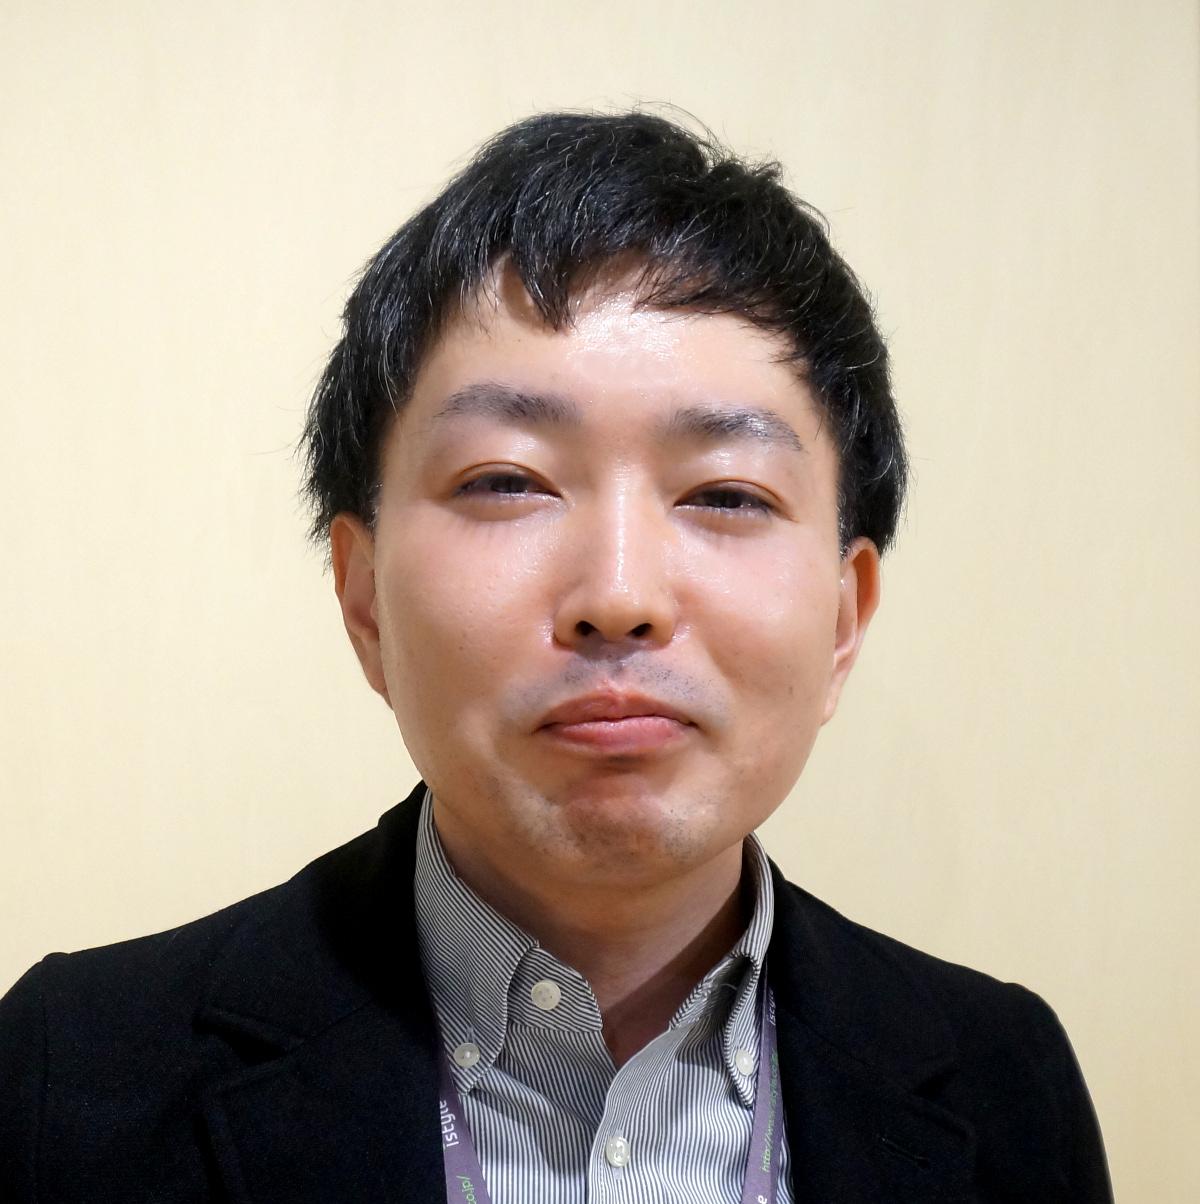 Kento Ogaki